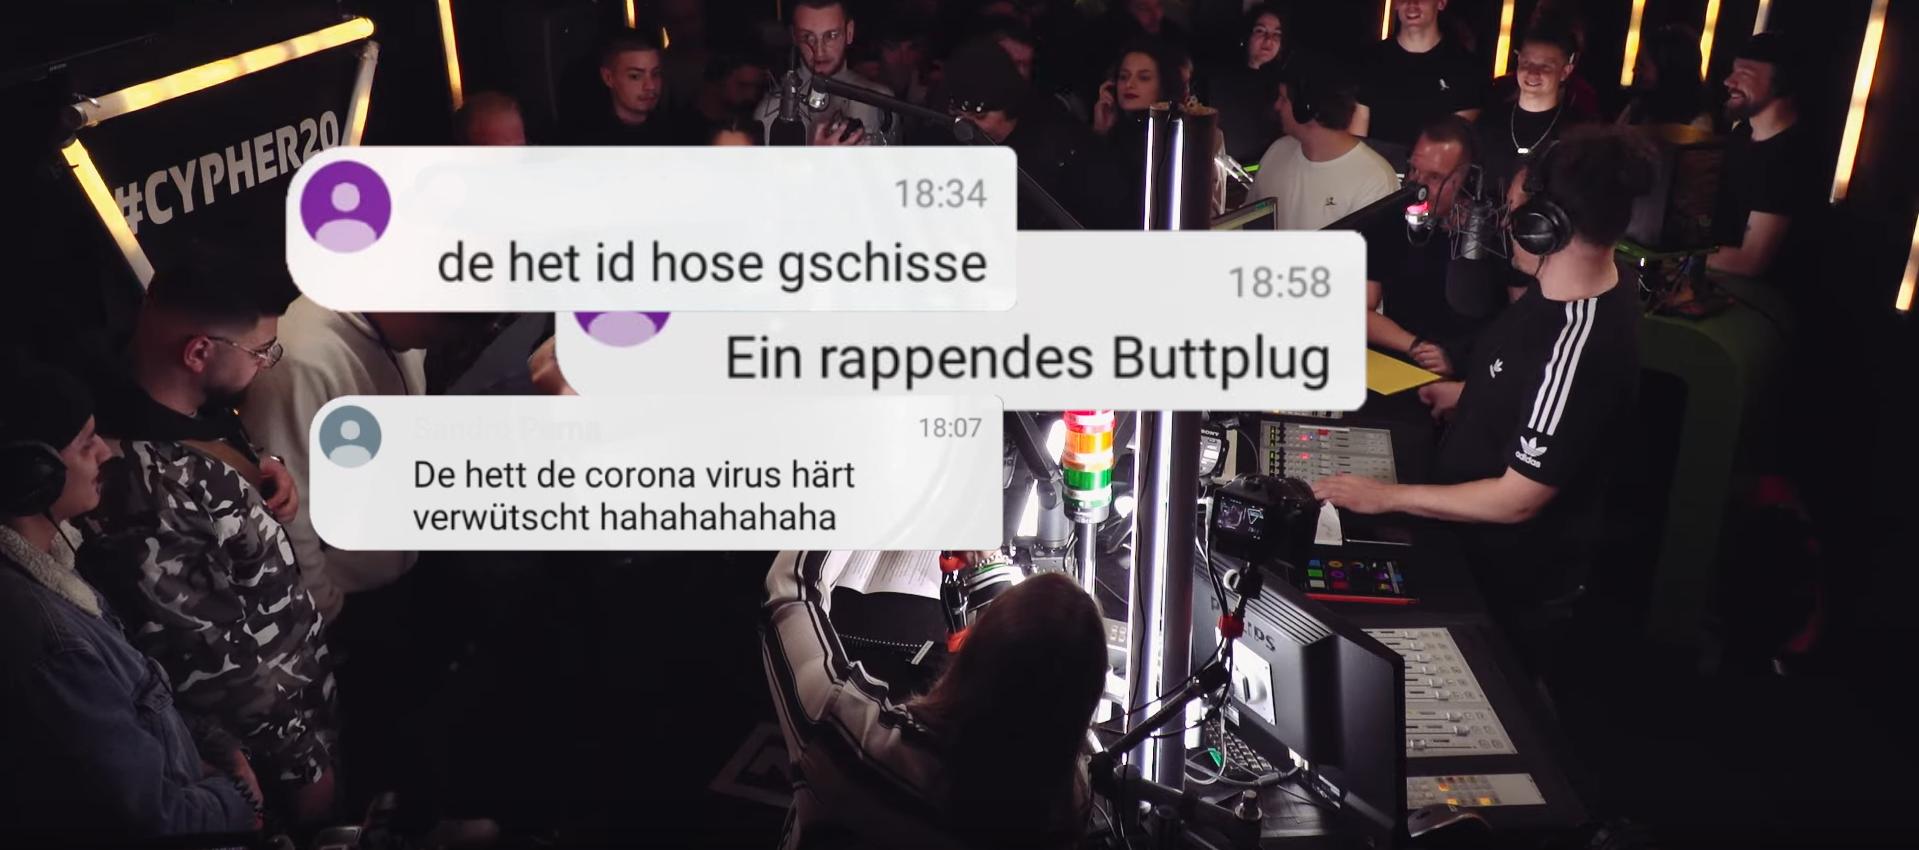 Die witzigsten, skurrilsten und provokantesten Kommentare aus dem Cypher-Livechat